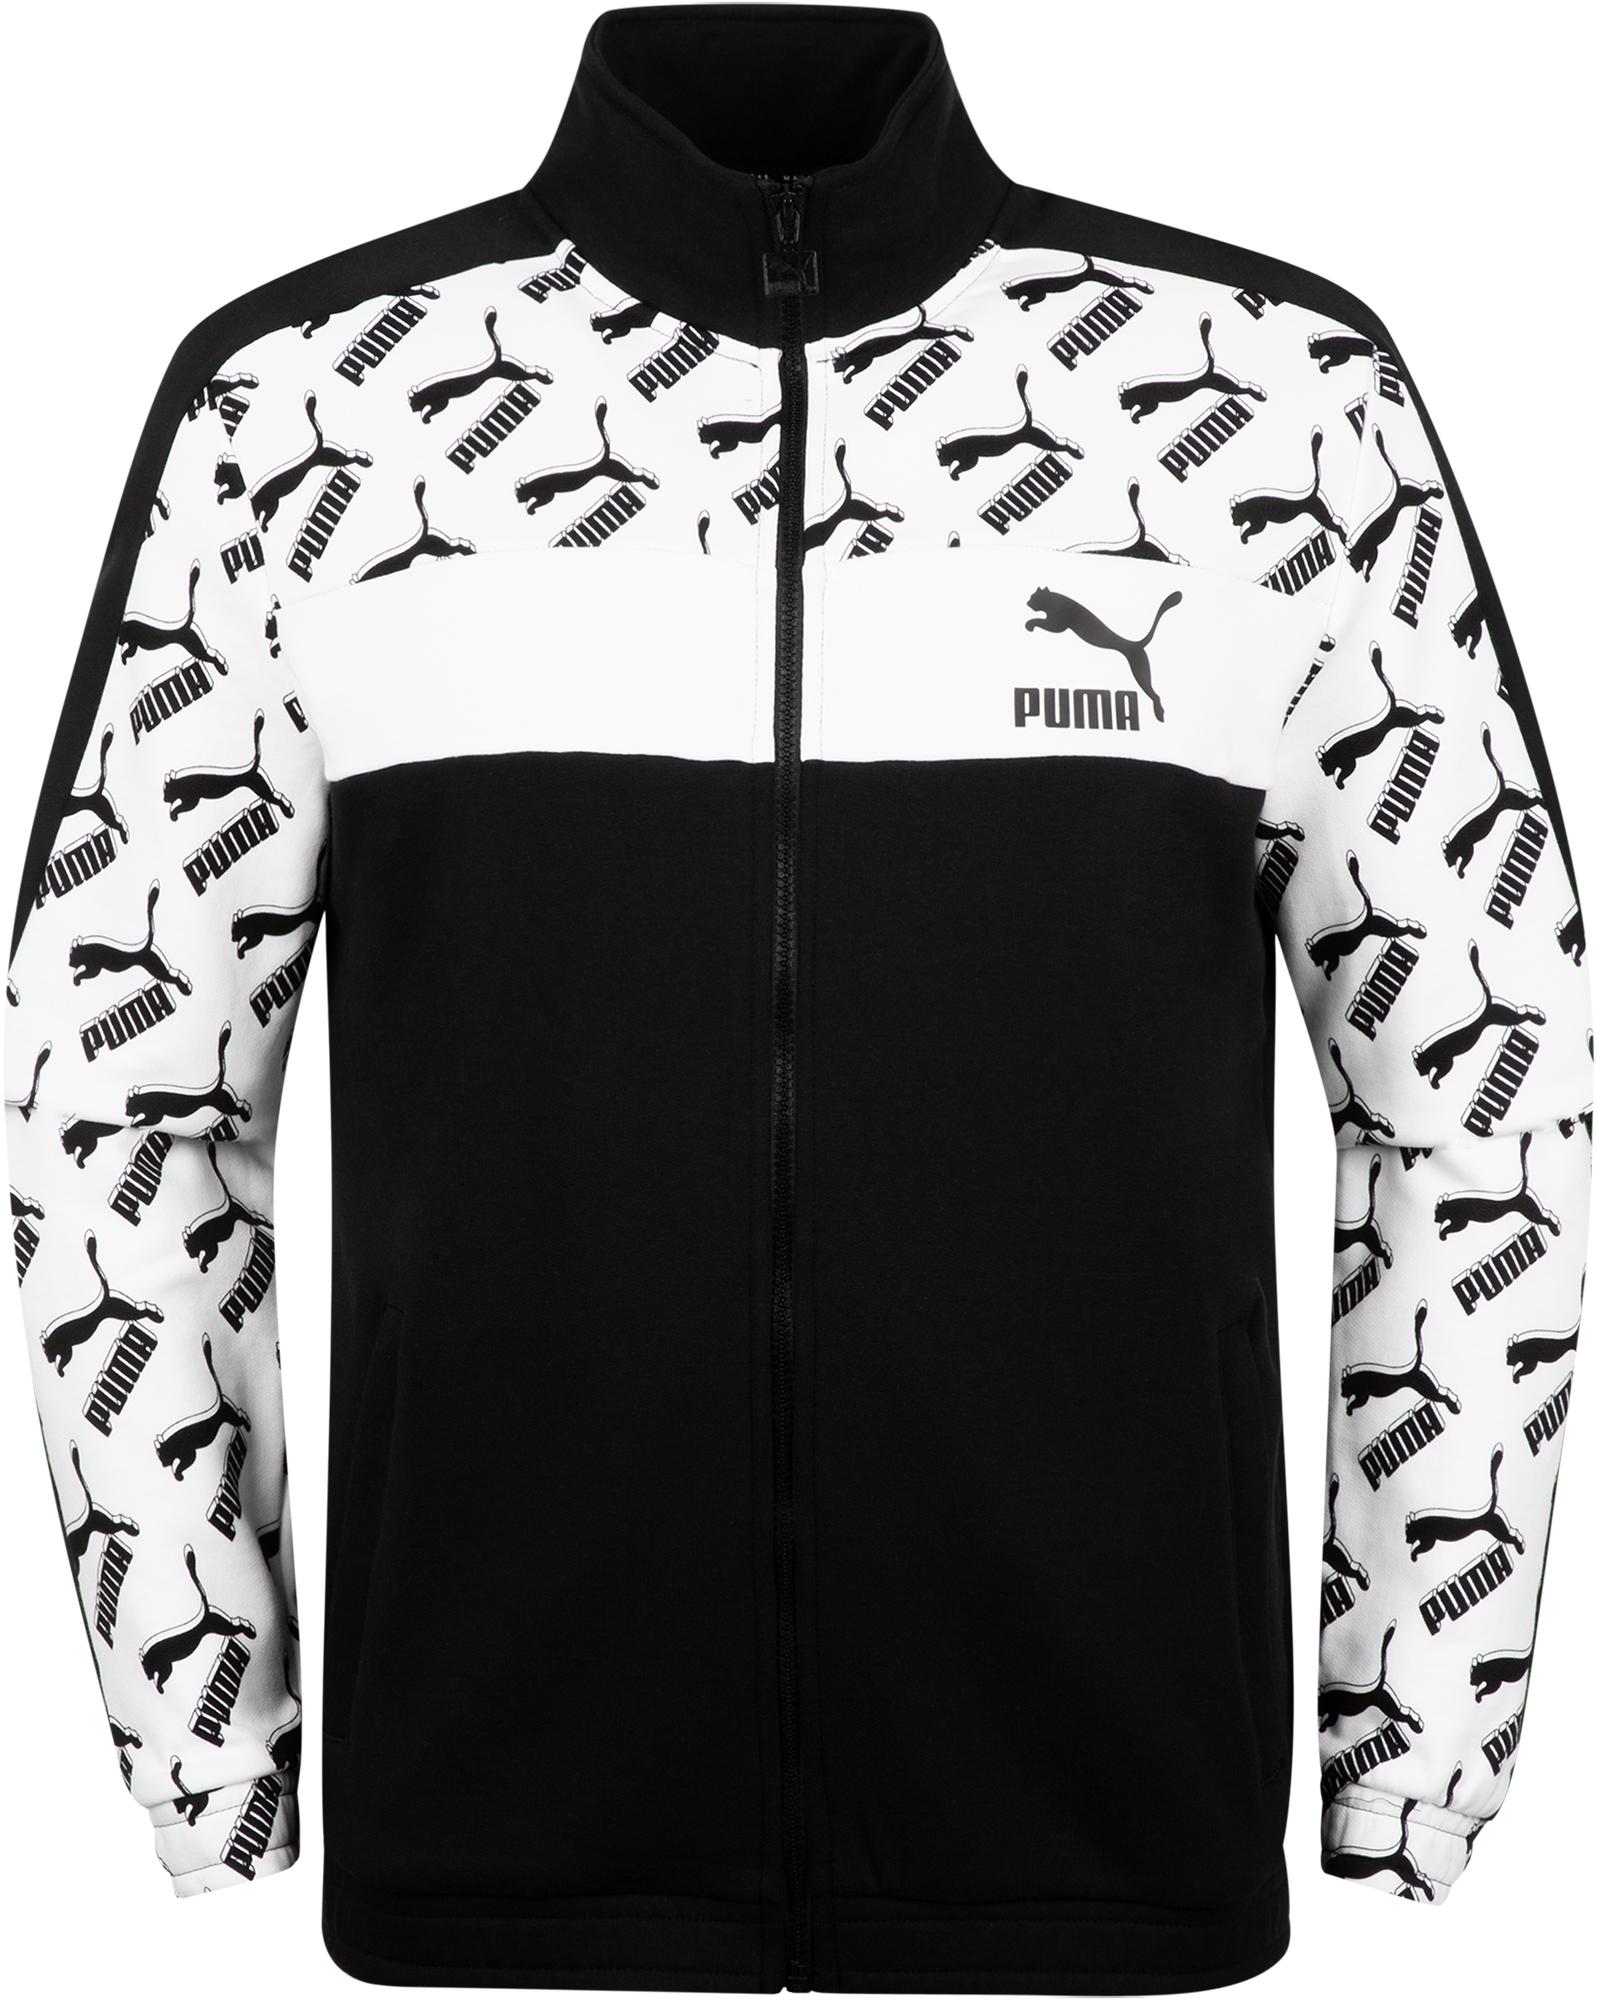 Puma Толстовка мужская Puma AOP T7 Track, размер 52-54 стоимость